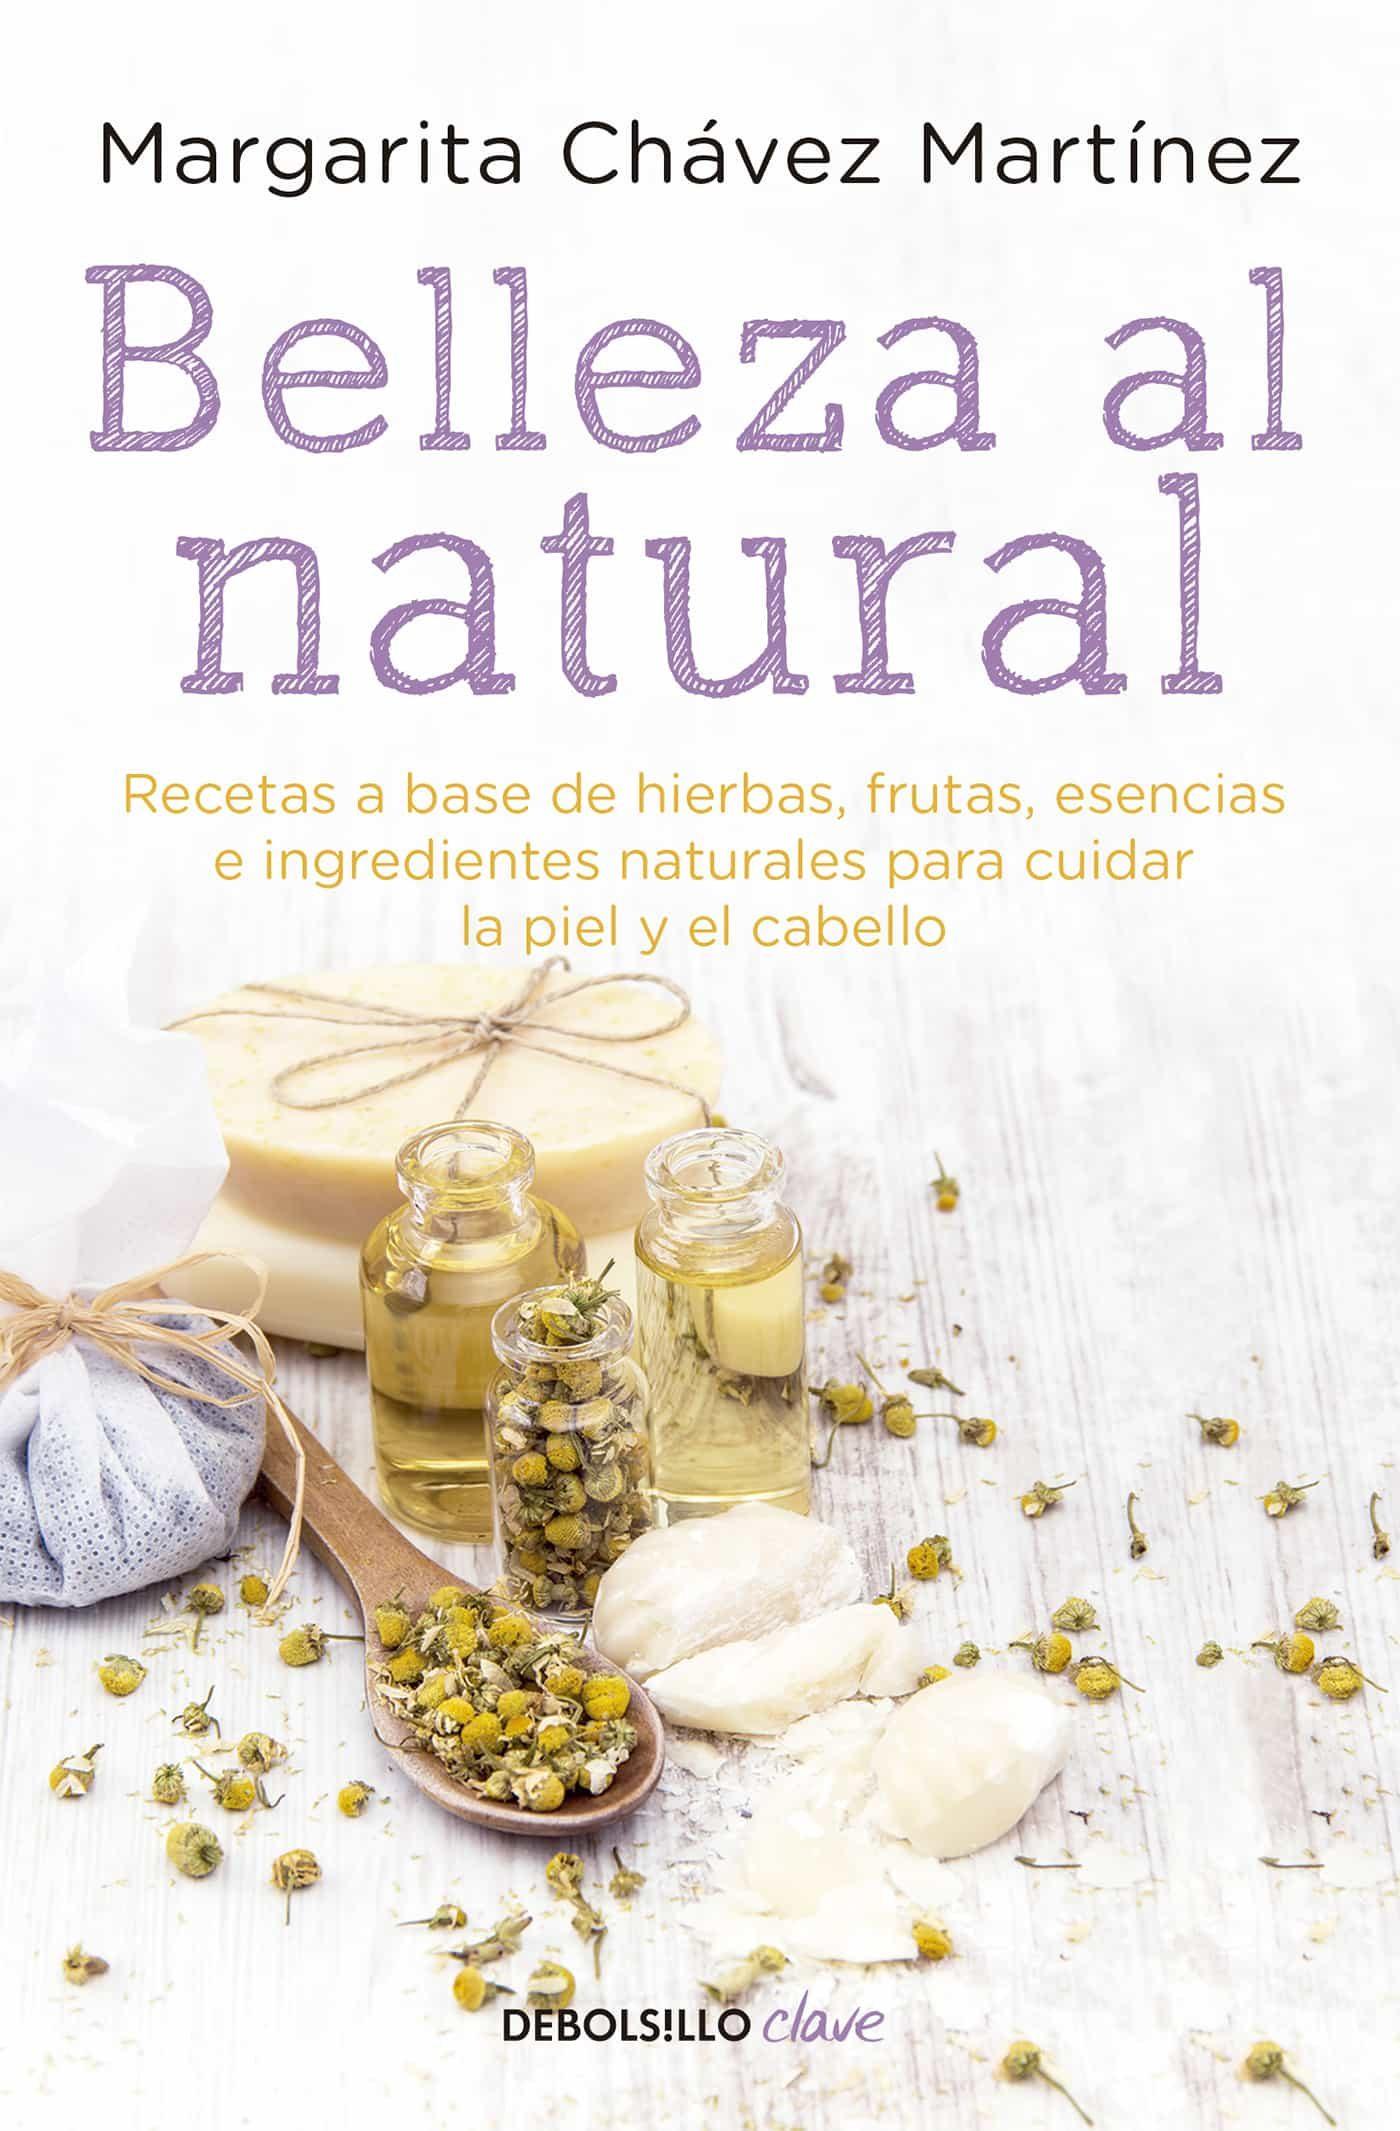 Resultado de imagen de Belleza al natural libro margarita